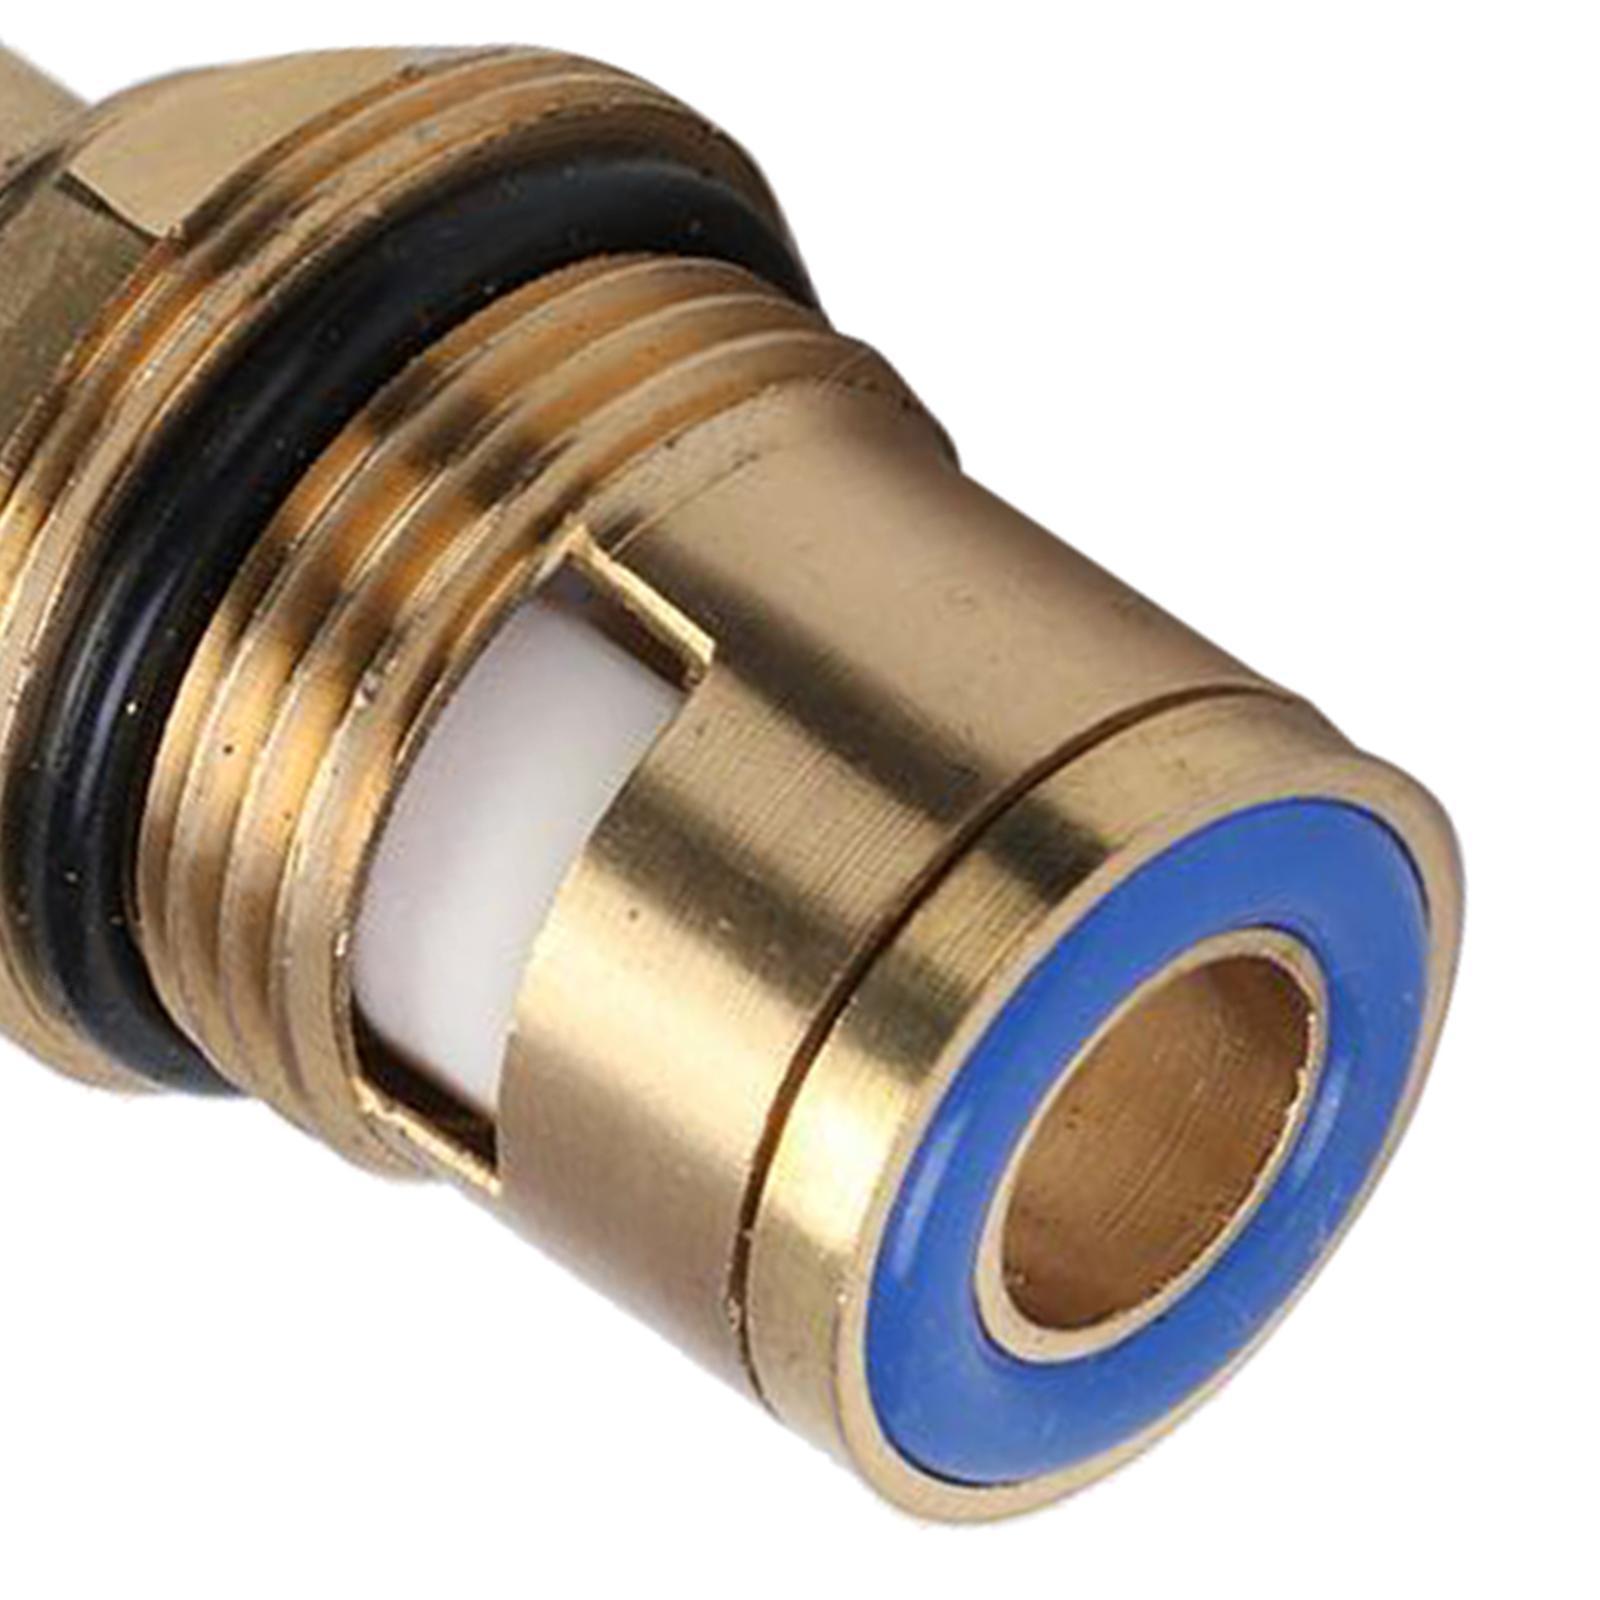 Valvole-rubinetto-di-ricambio-cartucce-a-disco-in-ceramica-pressacavo-accessori miniatura 19